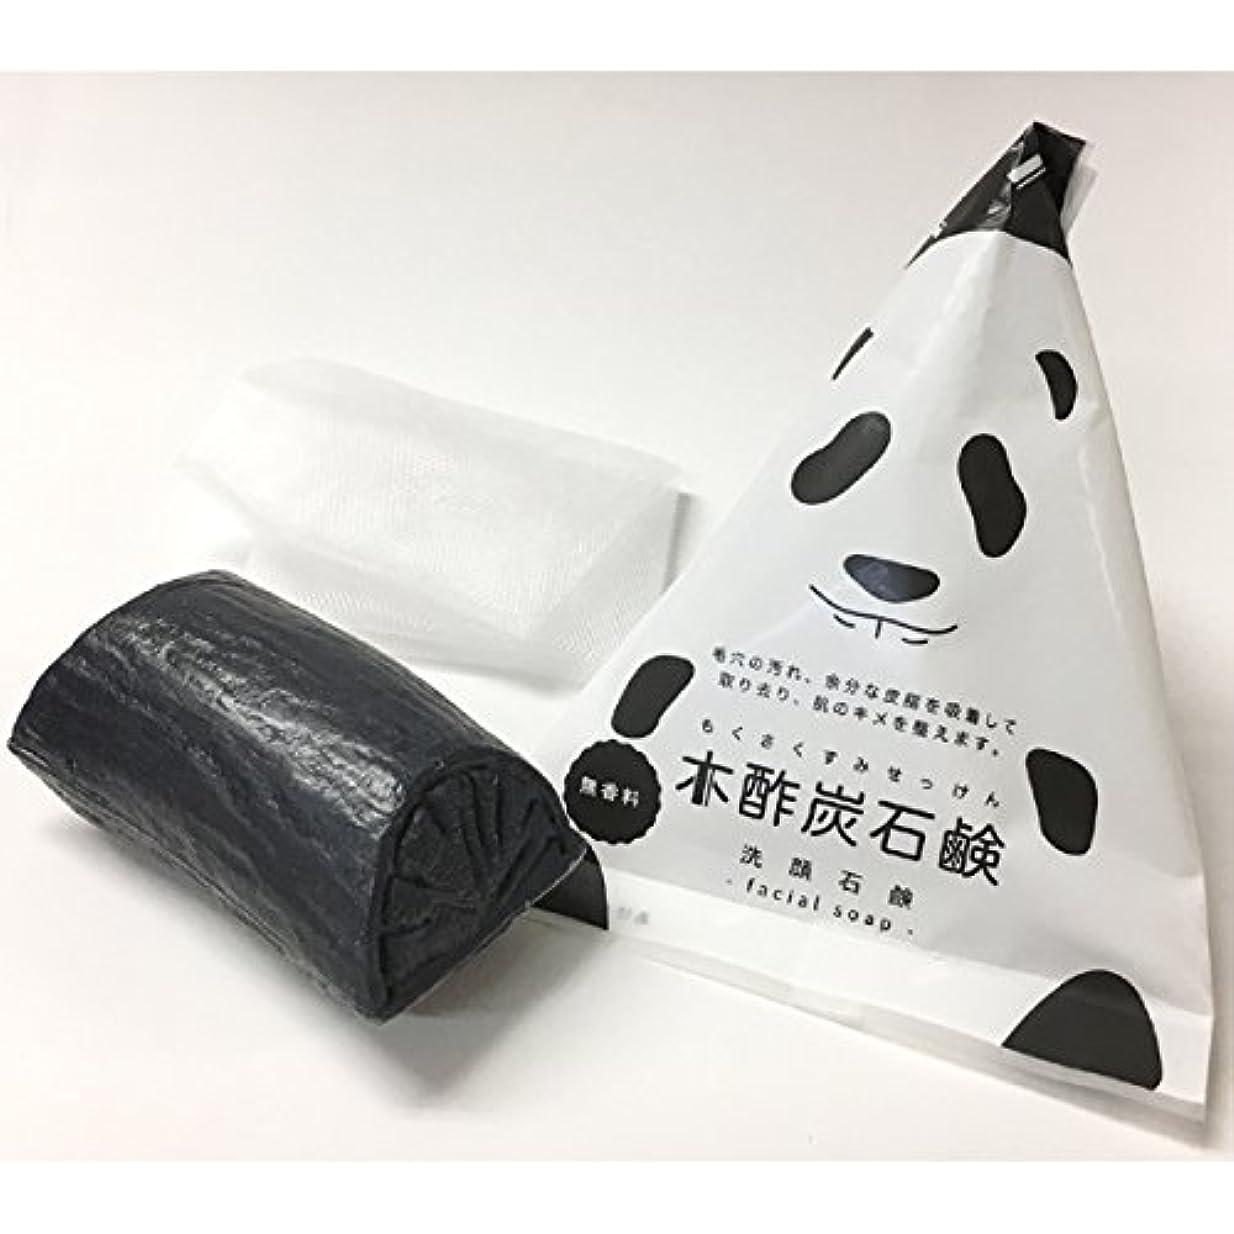 誇りある俳優フェニックス木酢炭泥棒石鹸120g(5個セット)